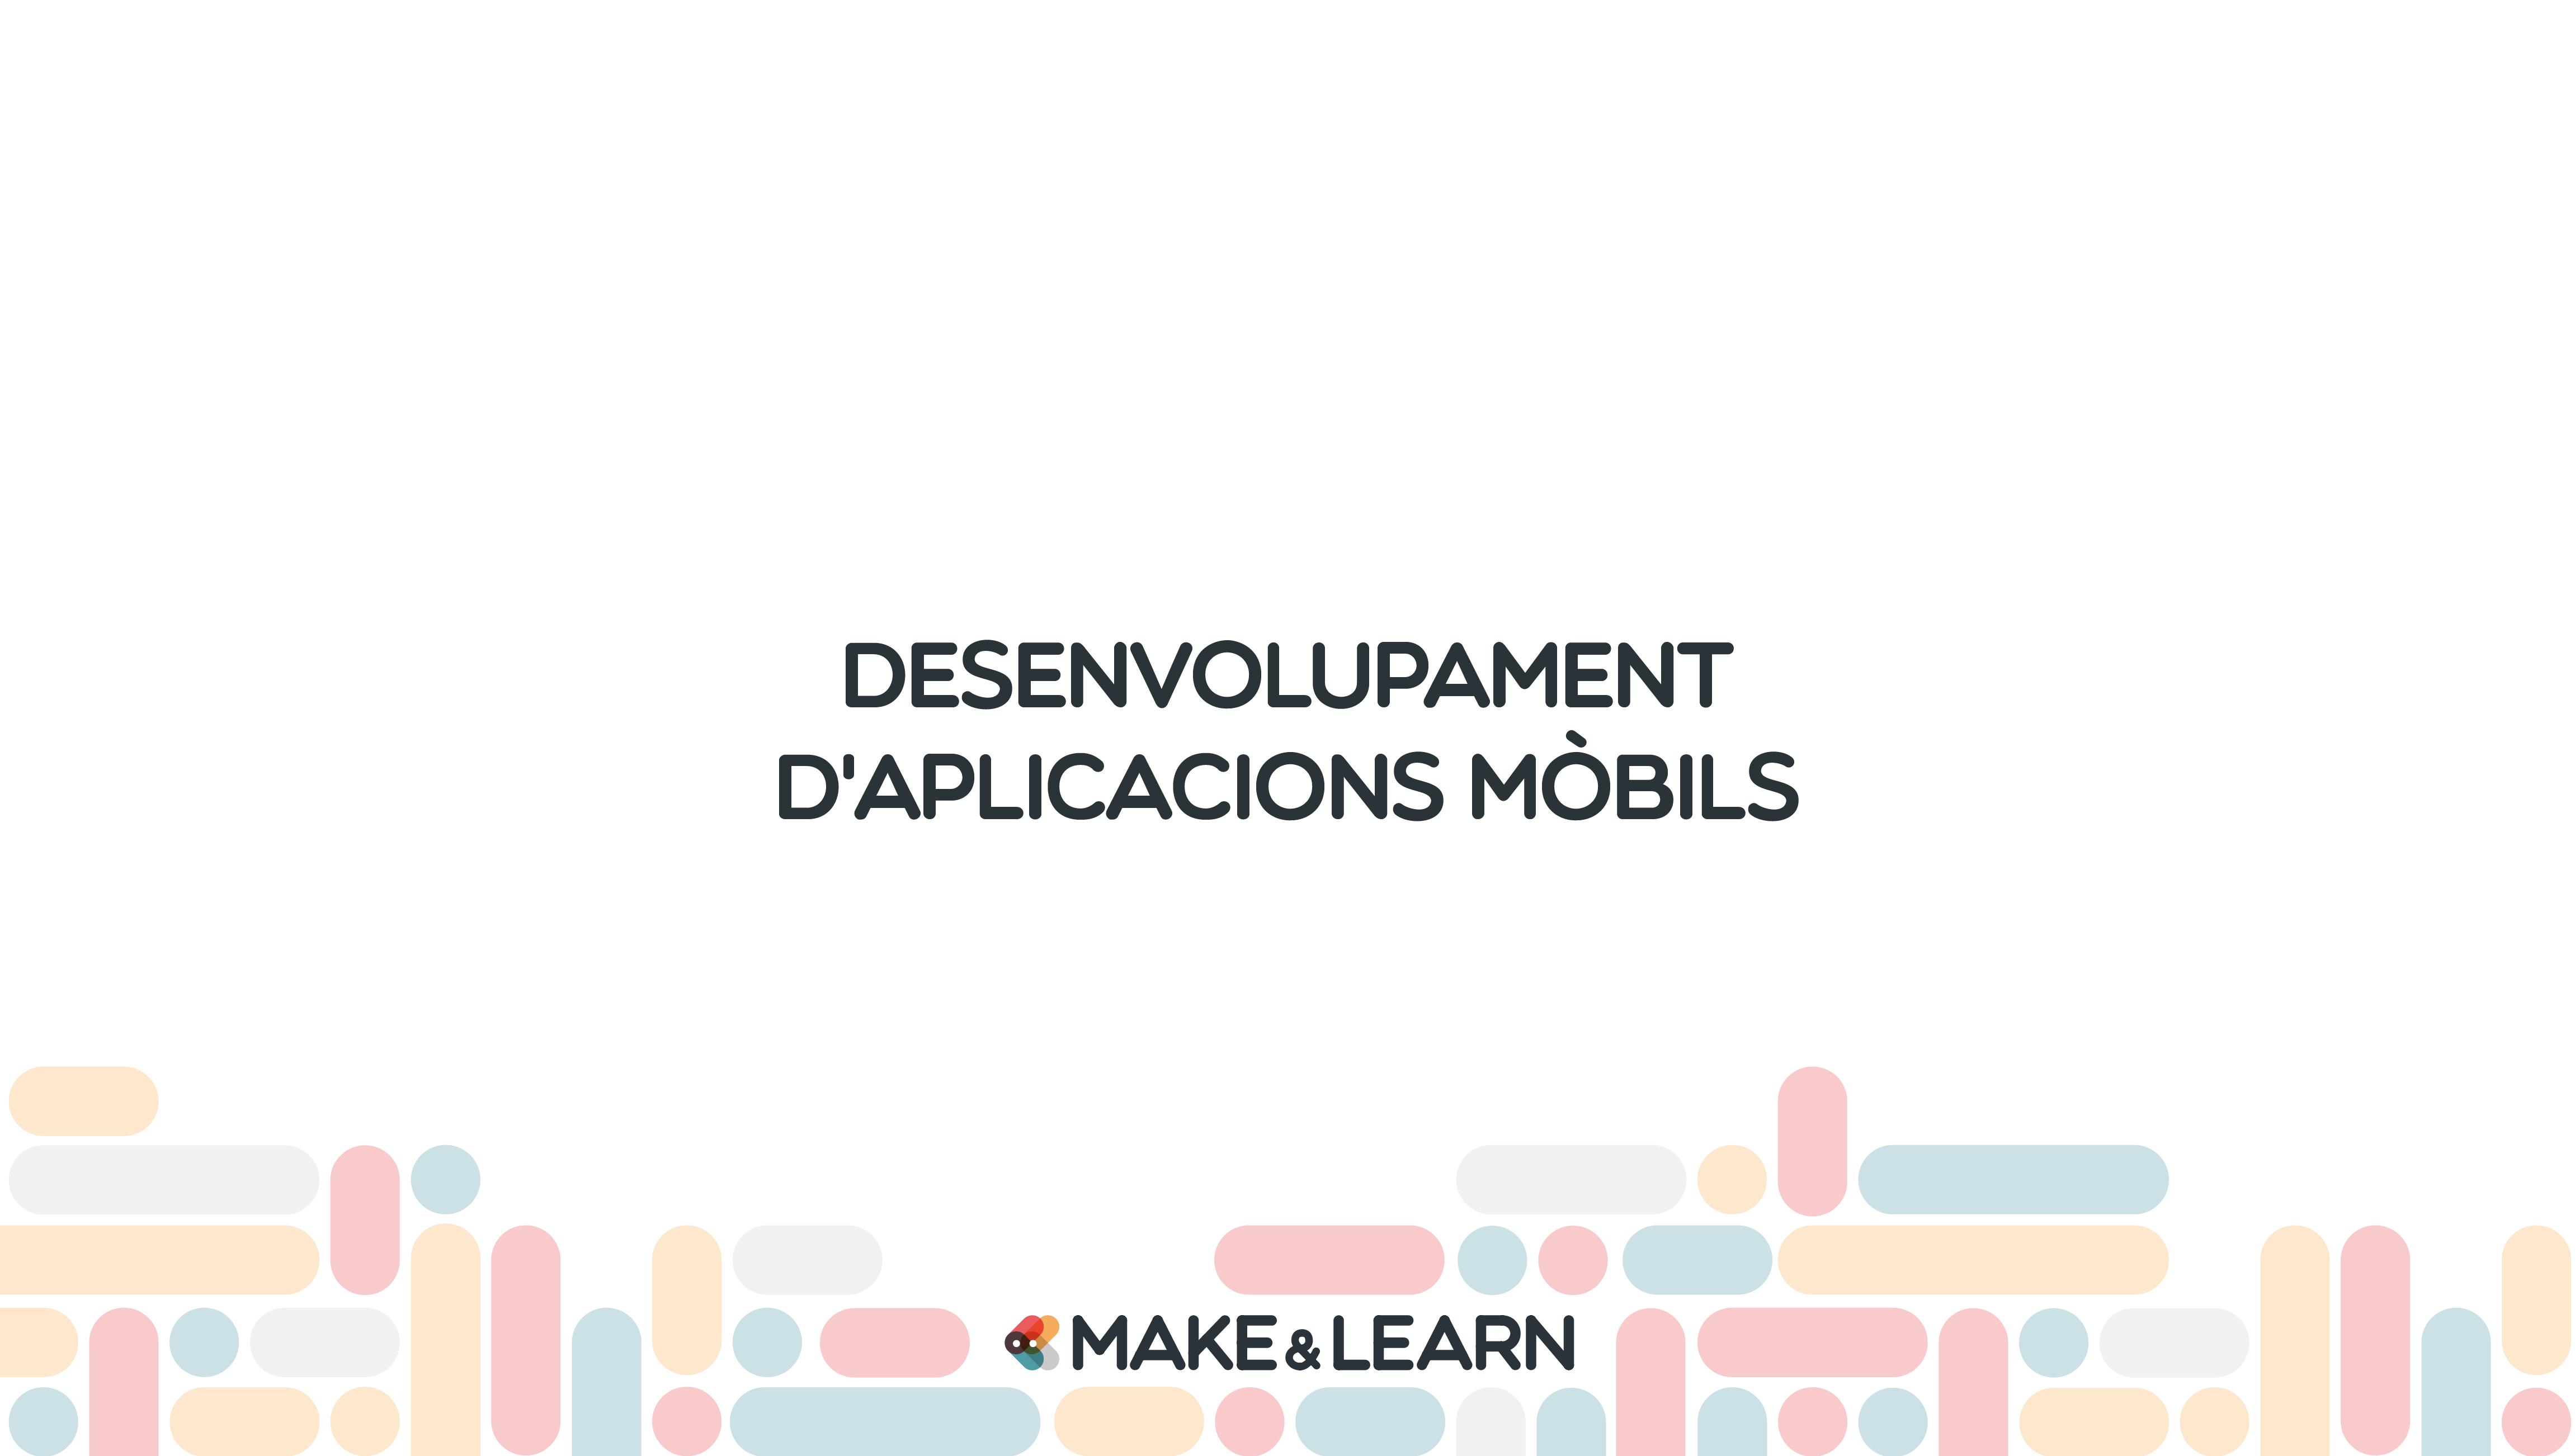 Desenvolupament d'aplicacions mòbils